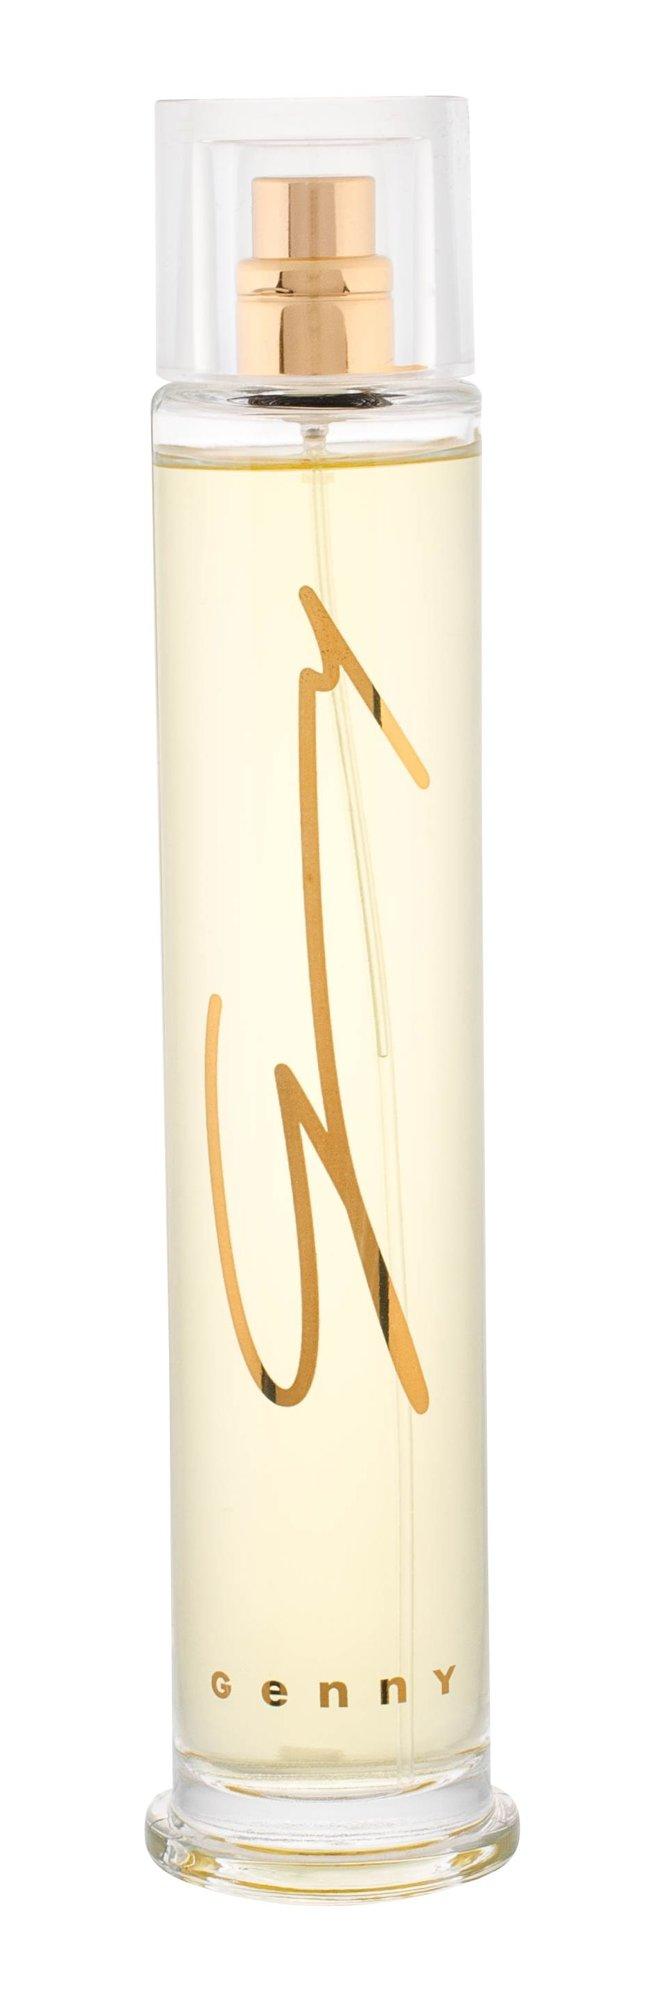 Genny Genny Noir Eau de Parfum 100ml